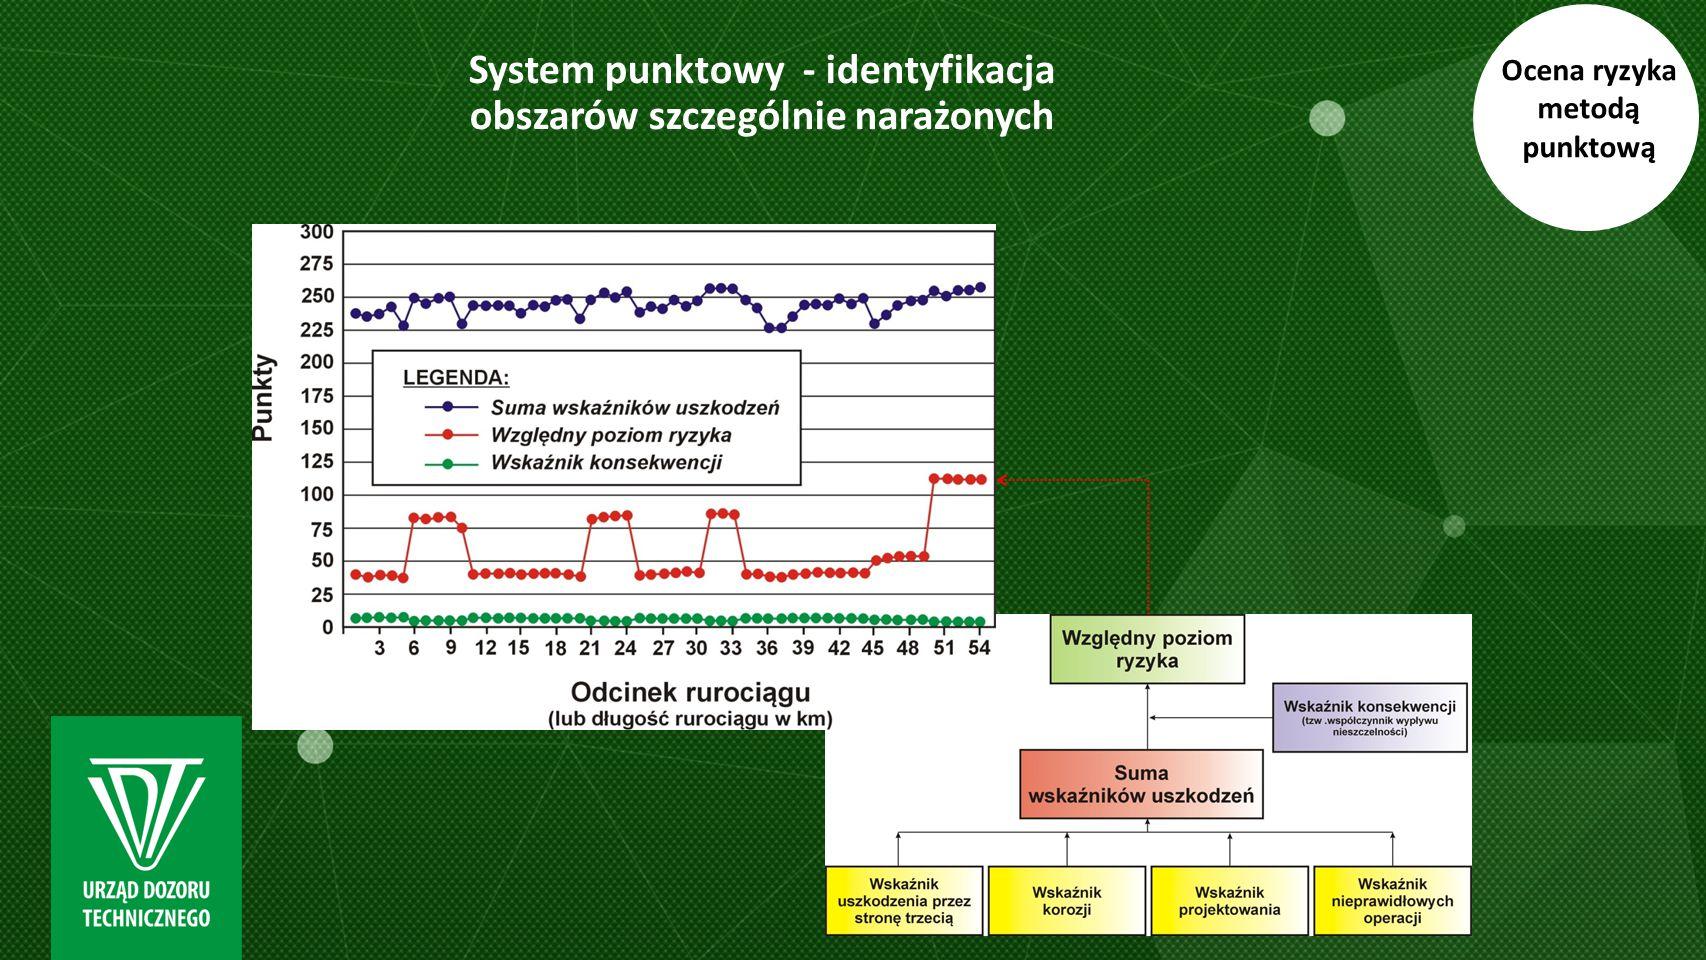 System punktowy - identyfikacja obszarów szczególnie narażonych Ocena ryzyka metodą punktową